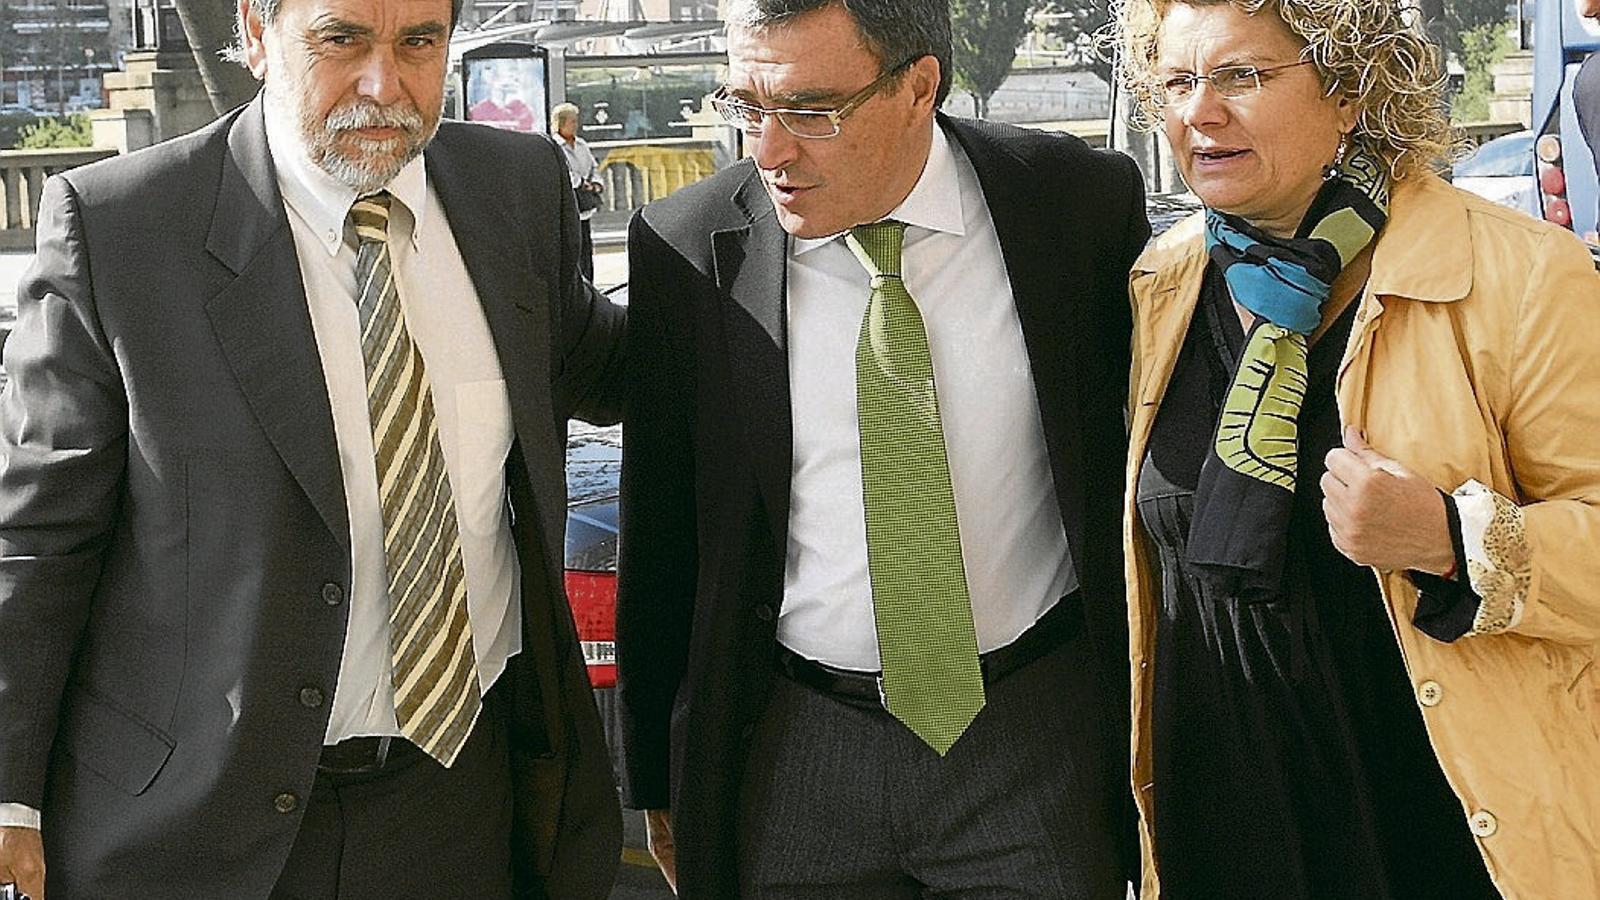 Marina Geli amb el doctor Sebastià Barranco -a l'esquerra- durant un acte de l'any 2010 amb el llavors alcalde de Lleida, Àngel Ros.